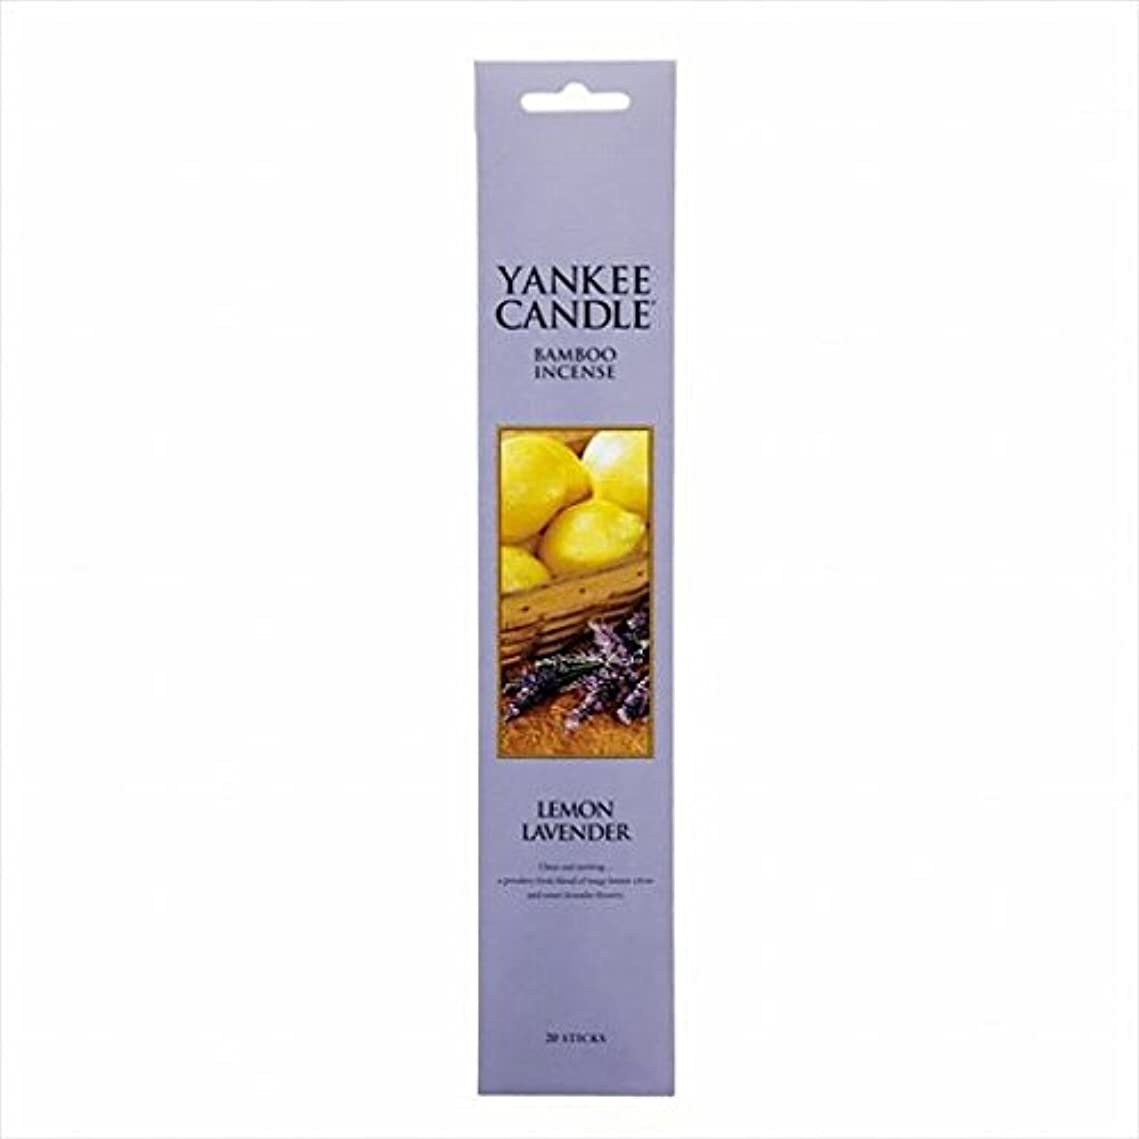 支払い助けて創始者カメヤマキャンドル( kameyama candle ) YANKEE CANDLE バンブーインセンス 「 レモンラベンダー 」